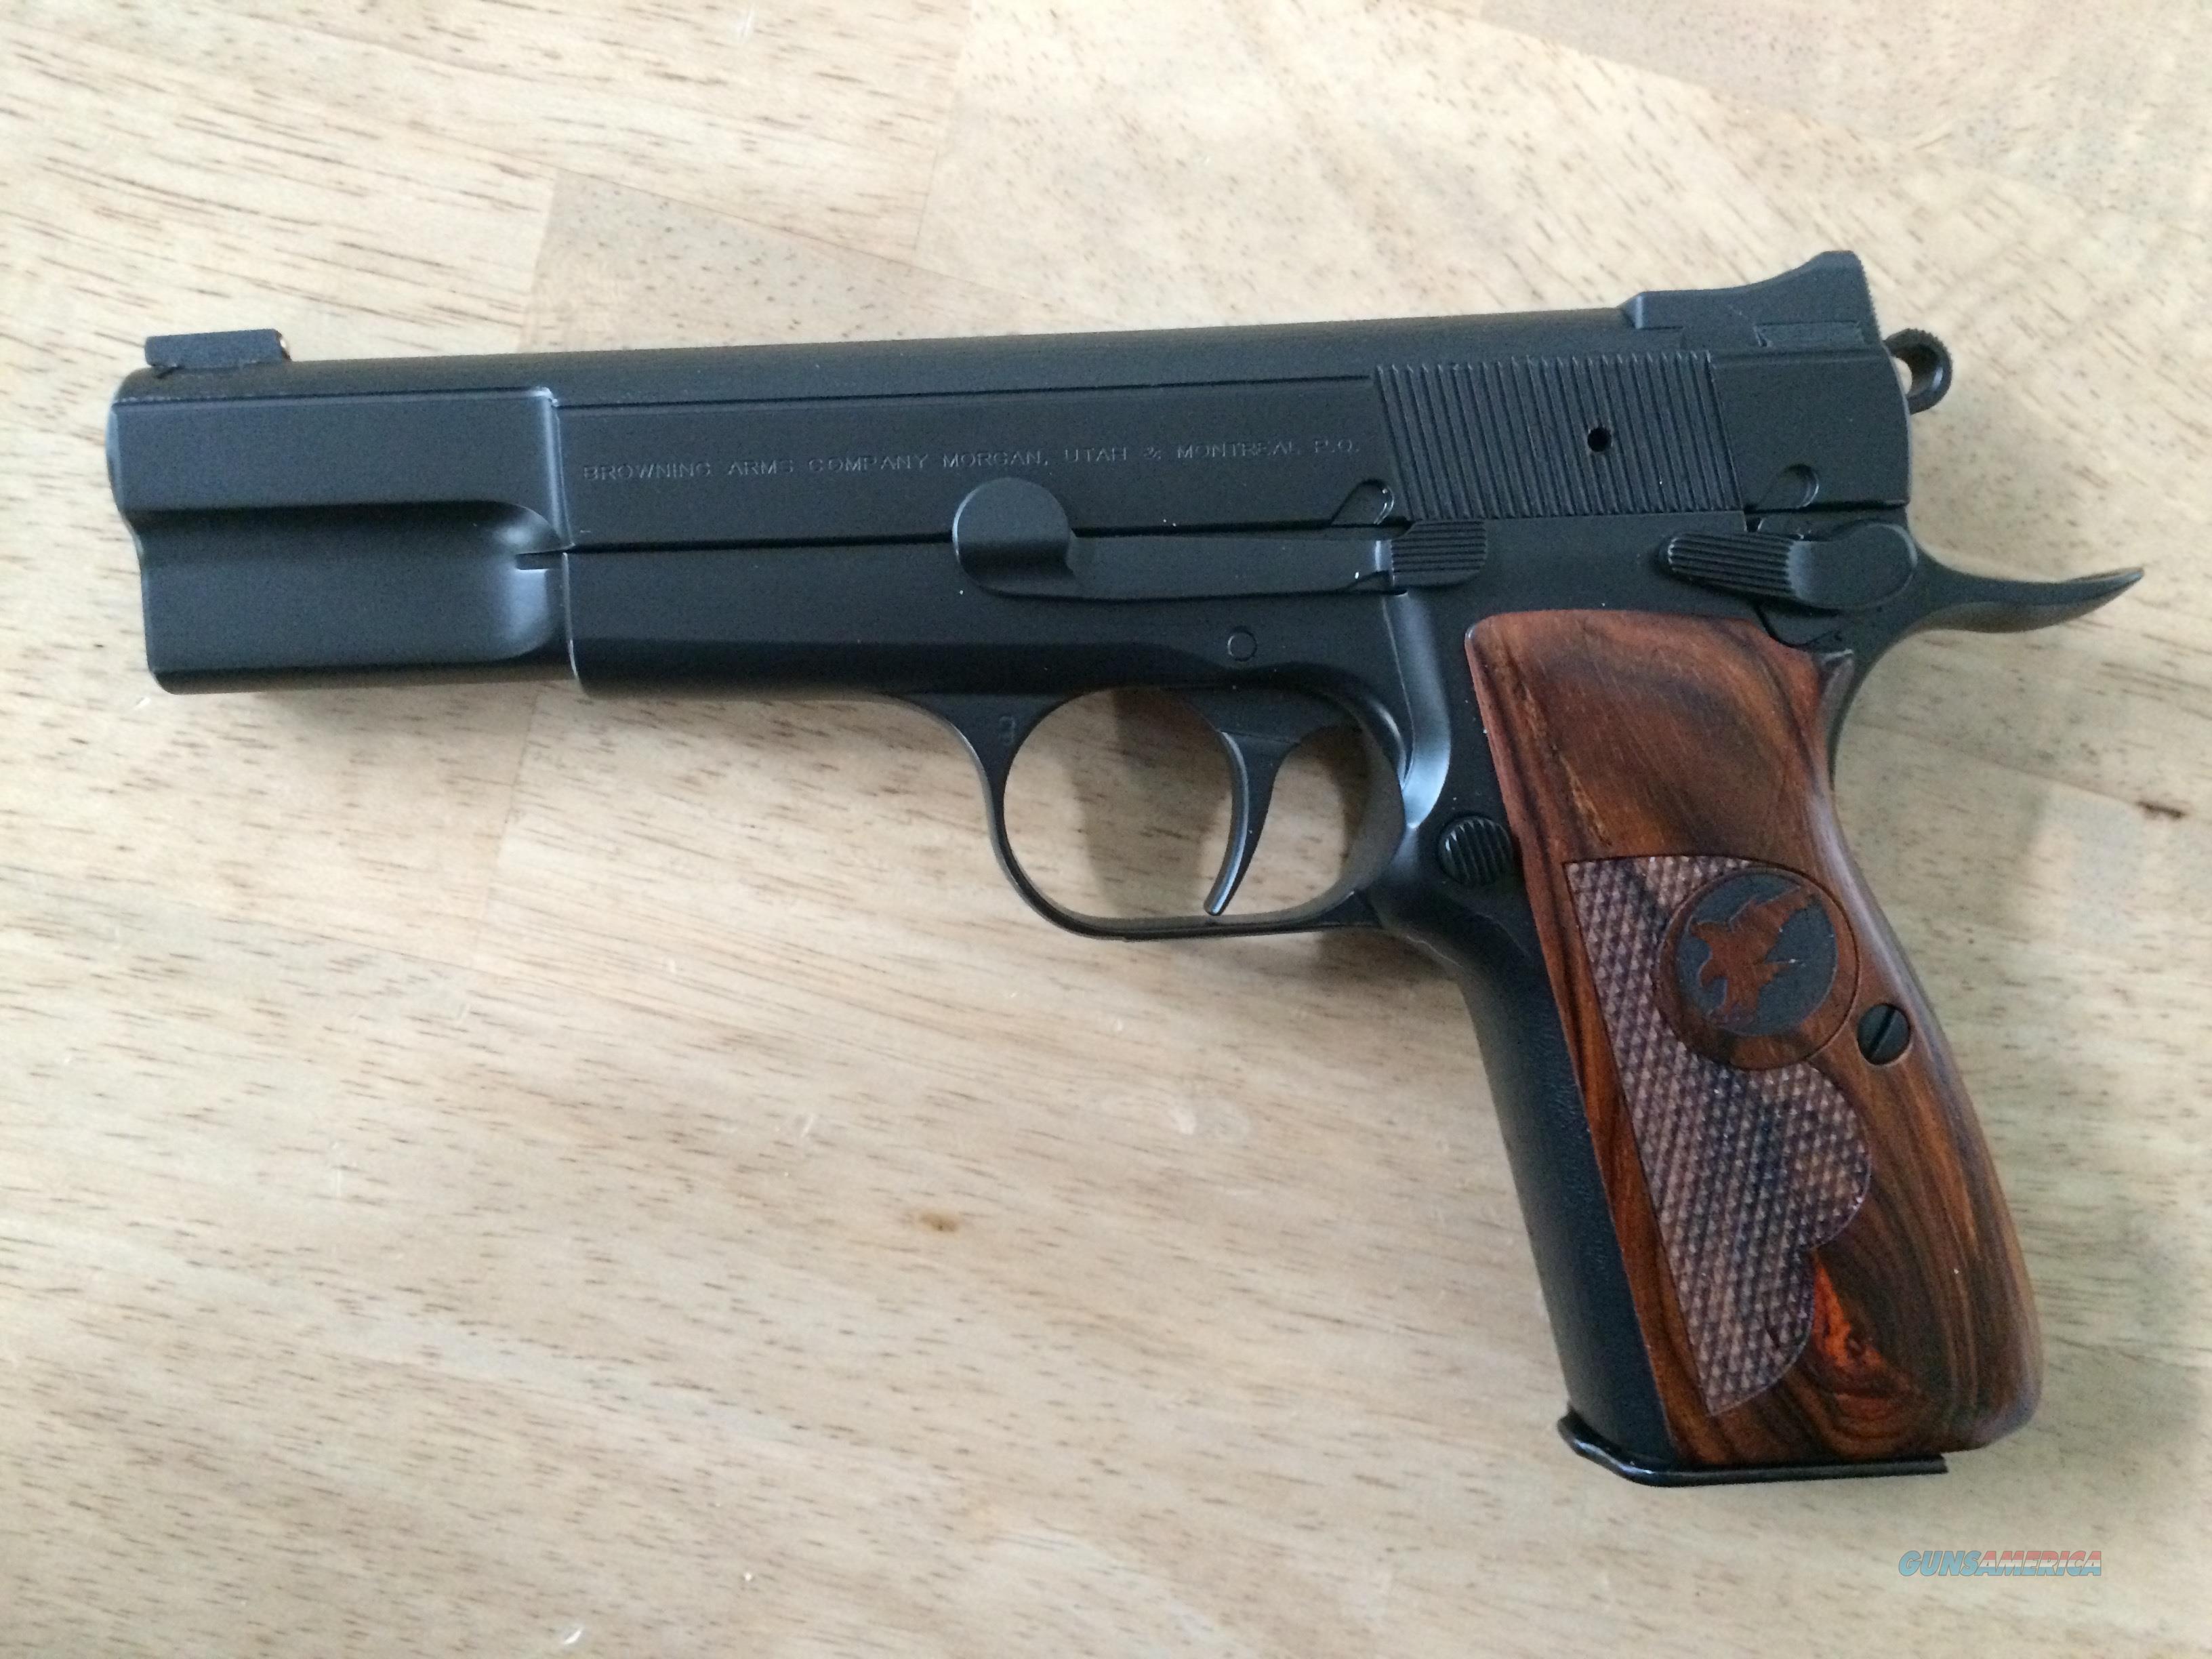 Nighthawk Custom Browning Hi Power 9mm - NIB  Guns > Pistols > Nighthawk Pistols